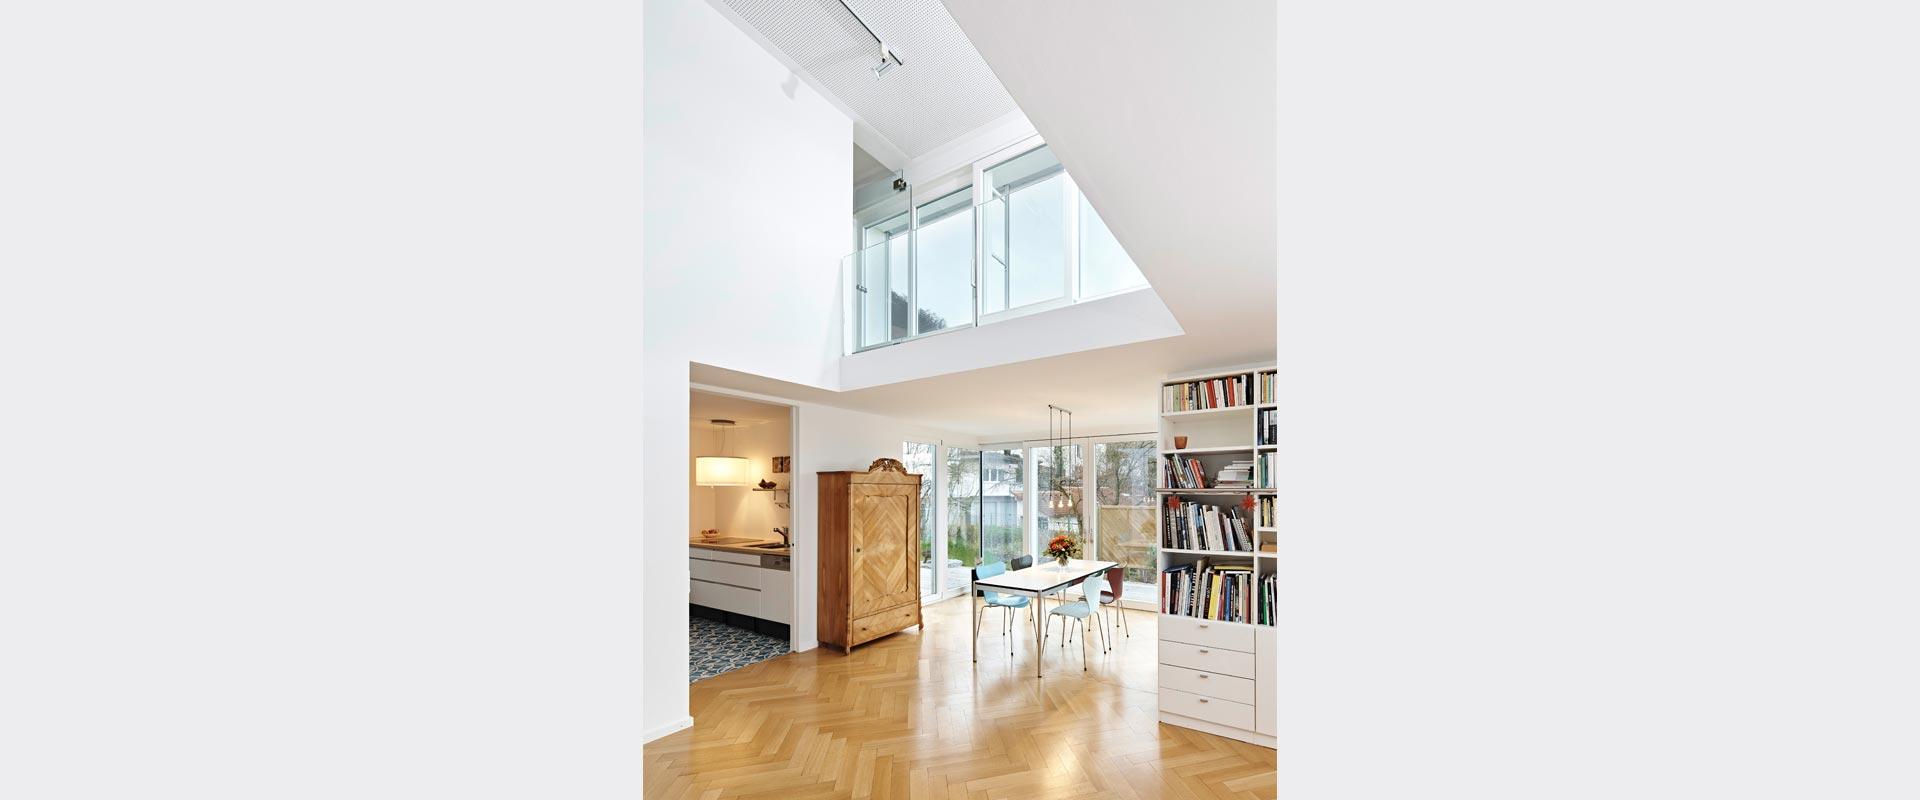 Architekturbuero_Henning_Musahl_Wohnhaus_J_071